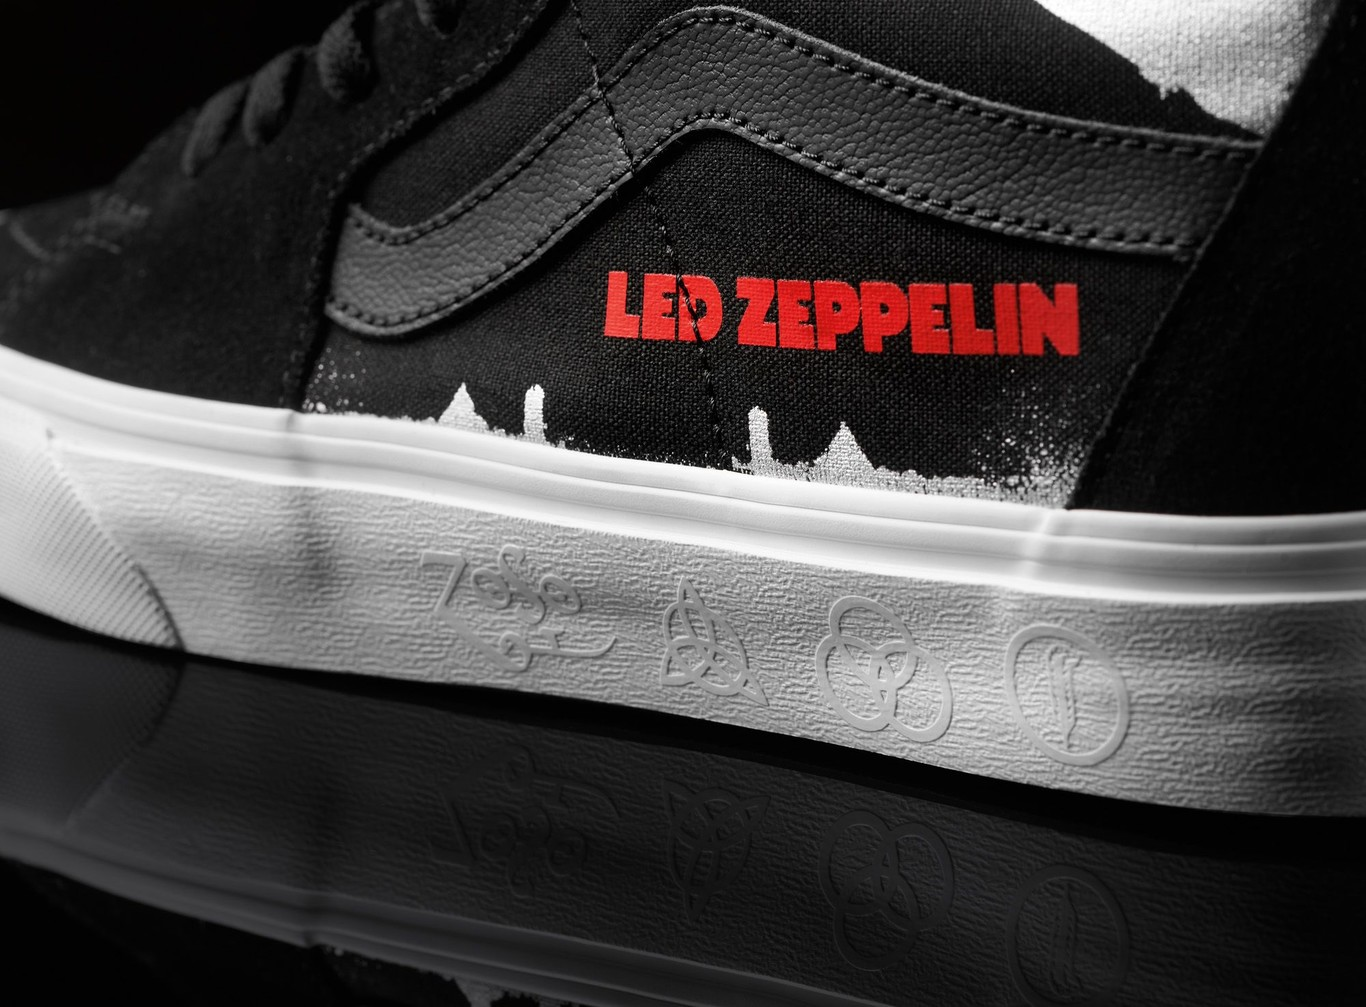 VANS celebra 50 años del disco homónimo de Led Zeppelin con una colección  llena de rock bd7c70144ae